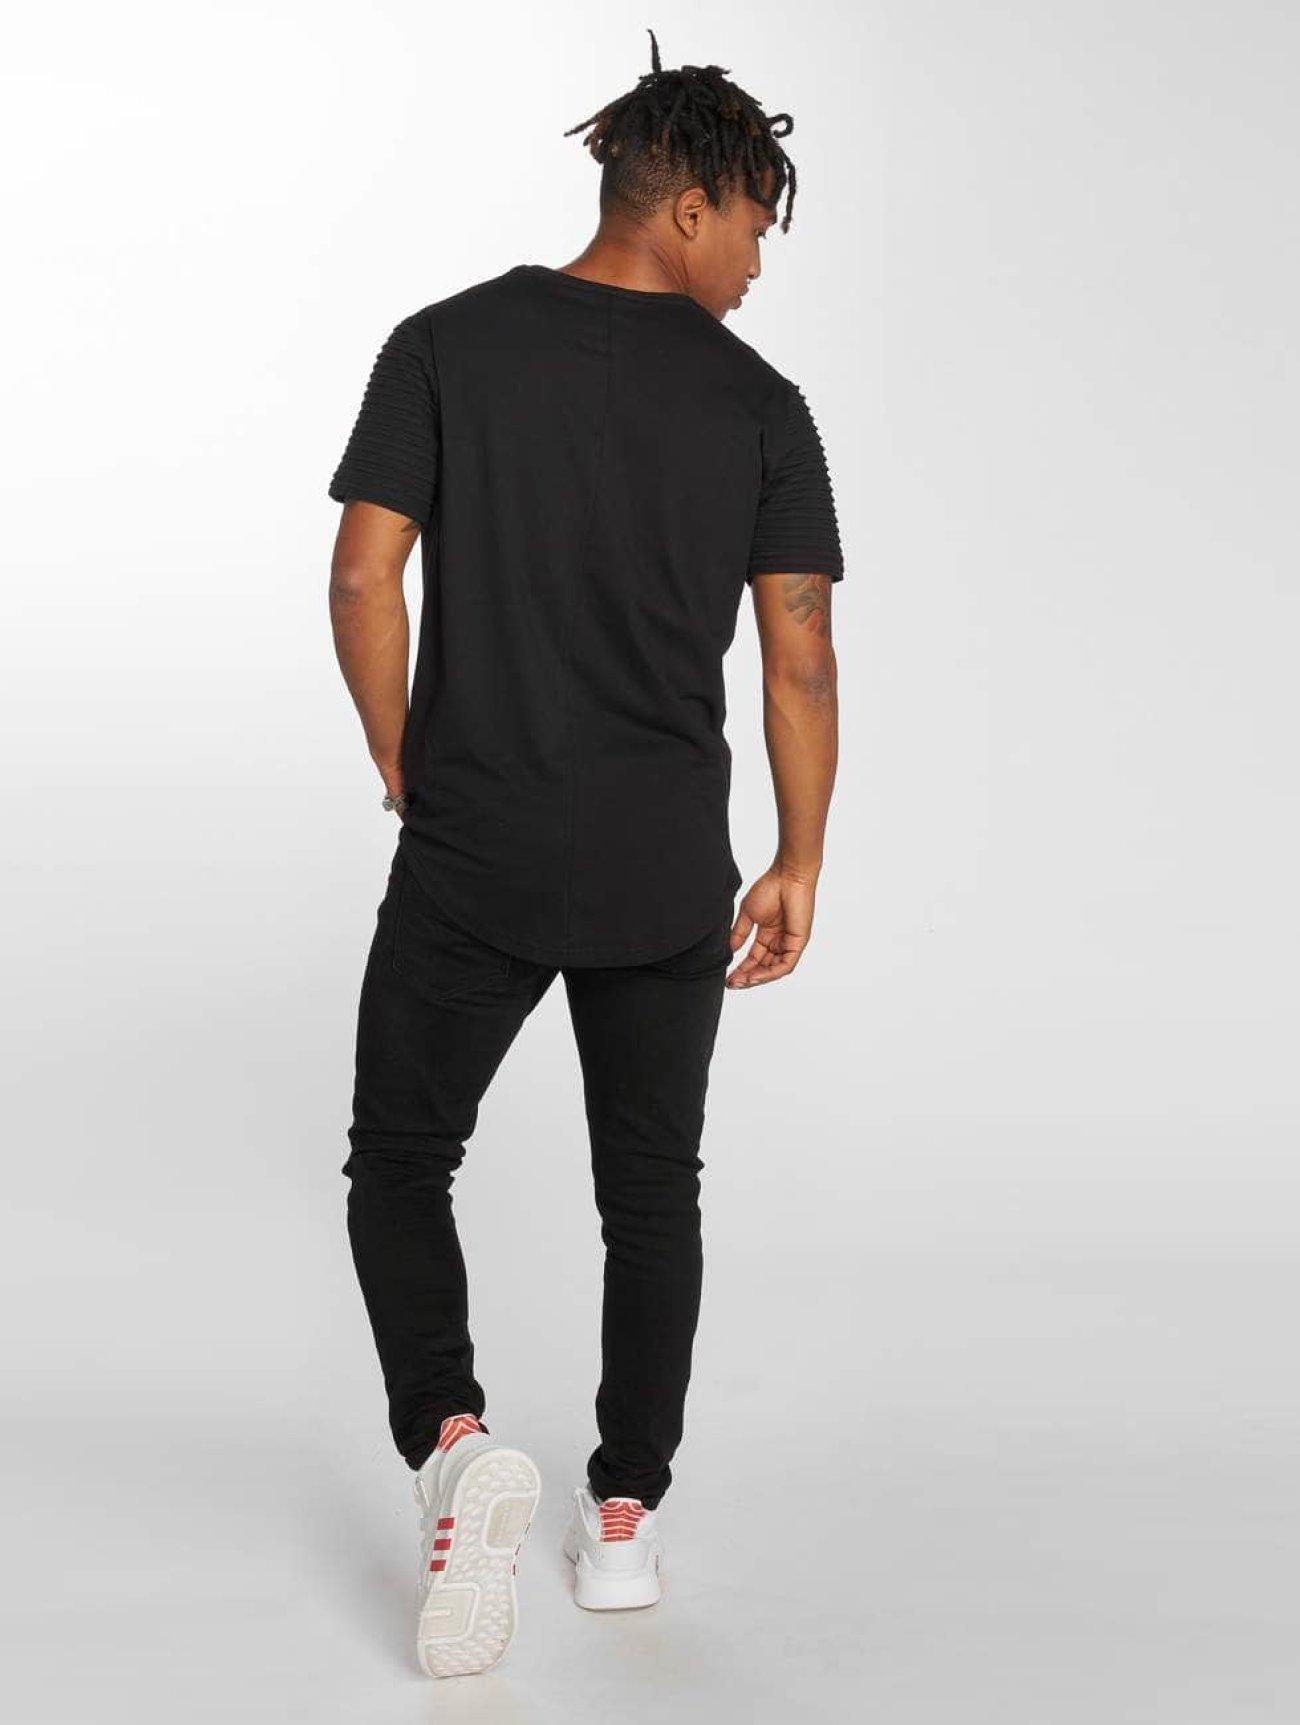 Bangastic Överdel / T-shirt 1312 i svart 466020 Män Överdelar